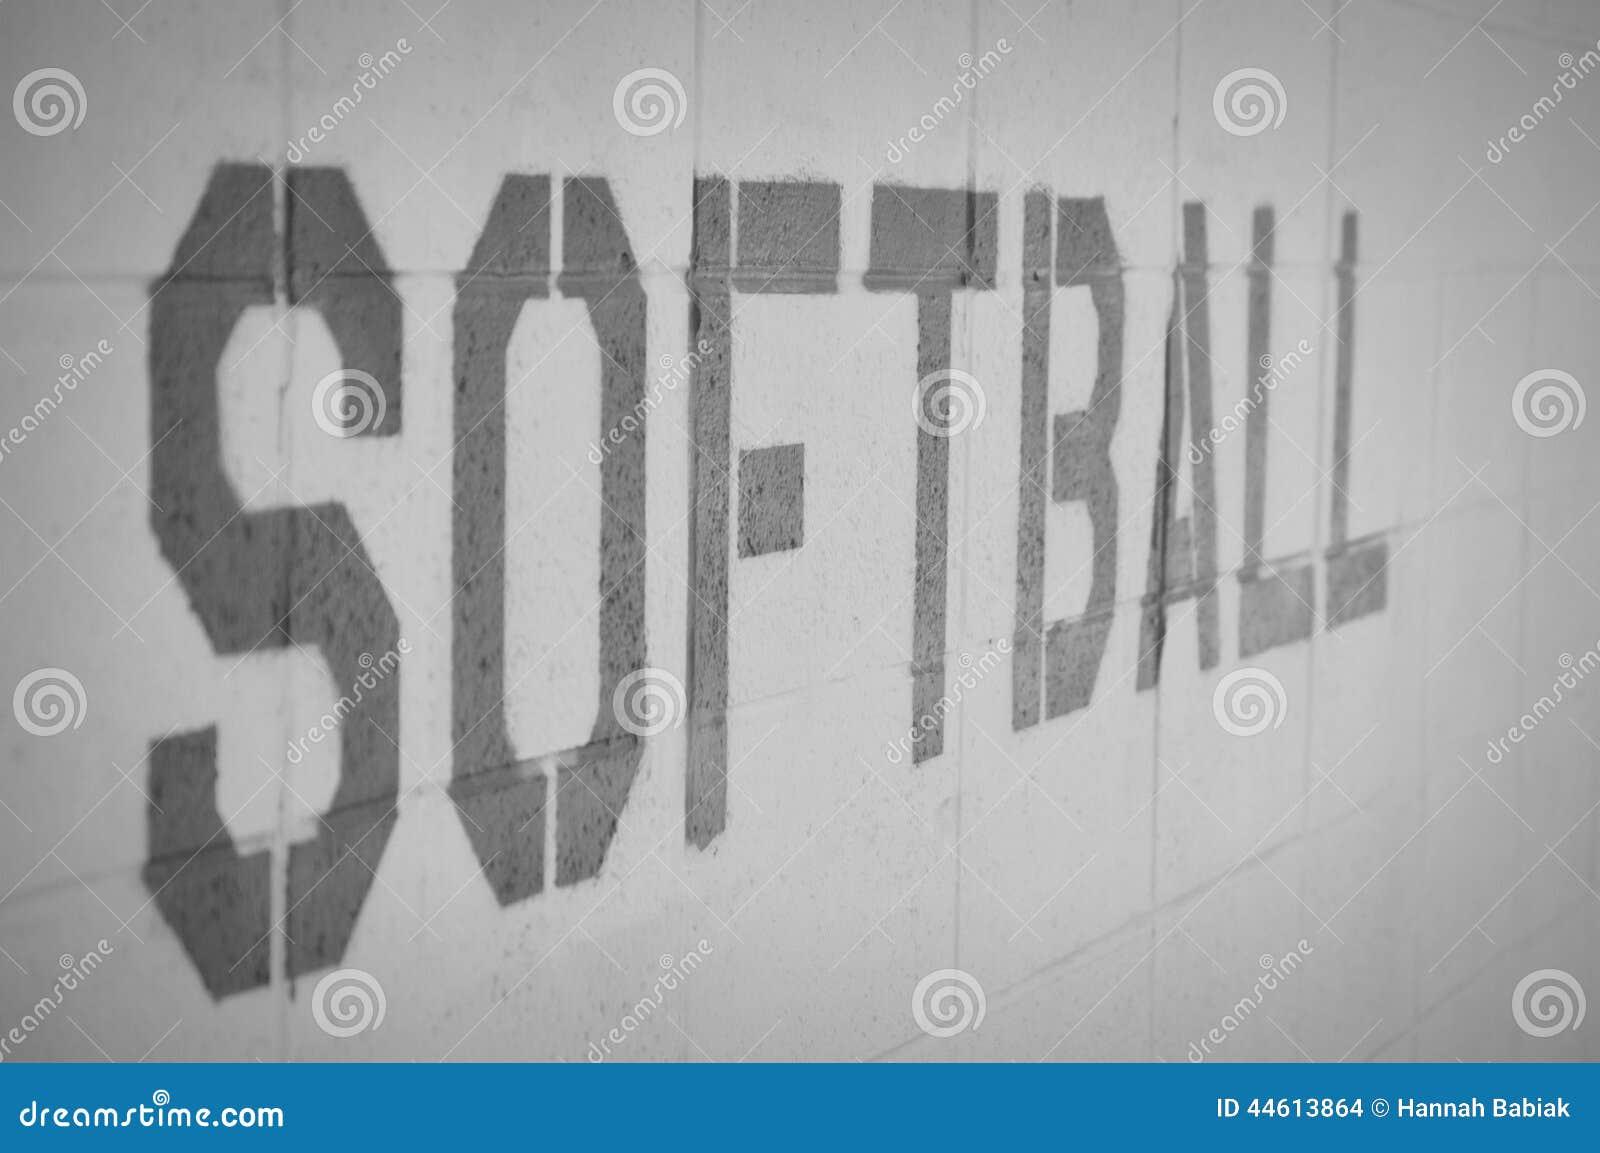 Softballi słowa na ściana z cegieł